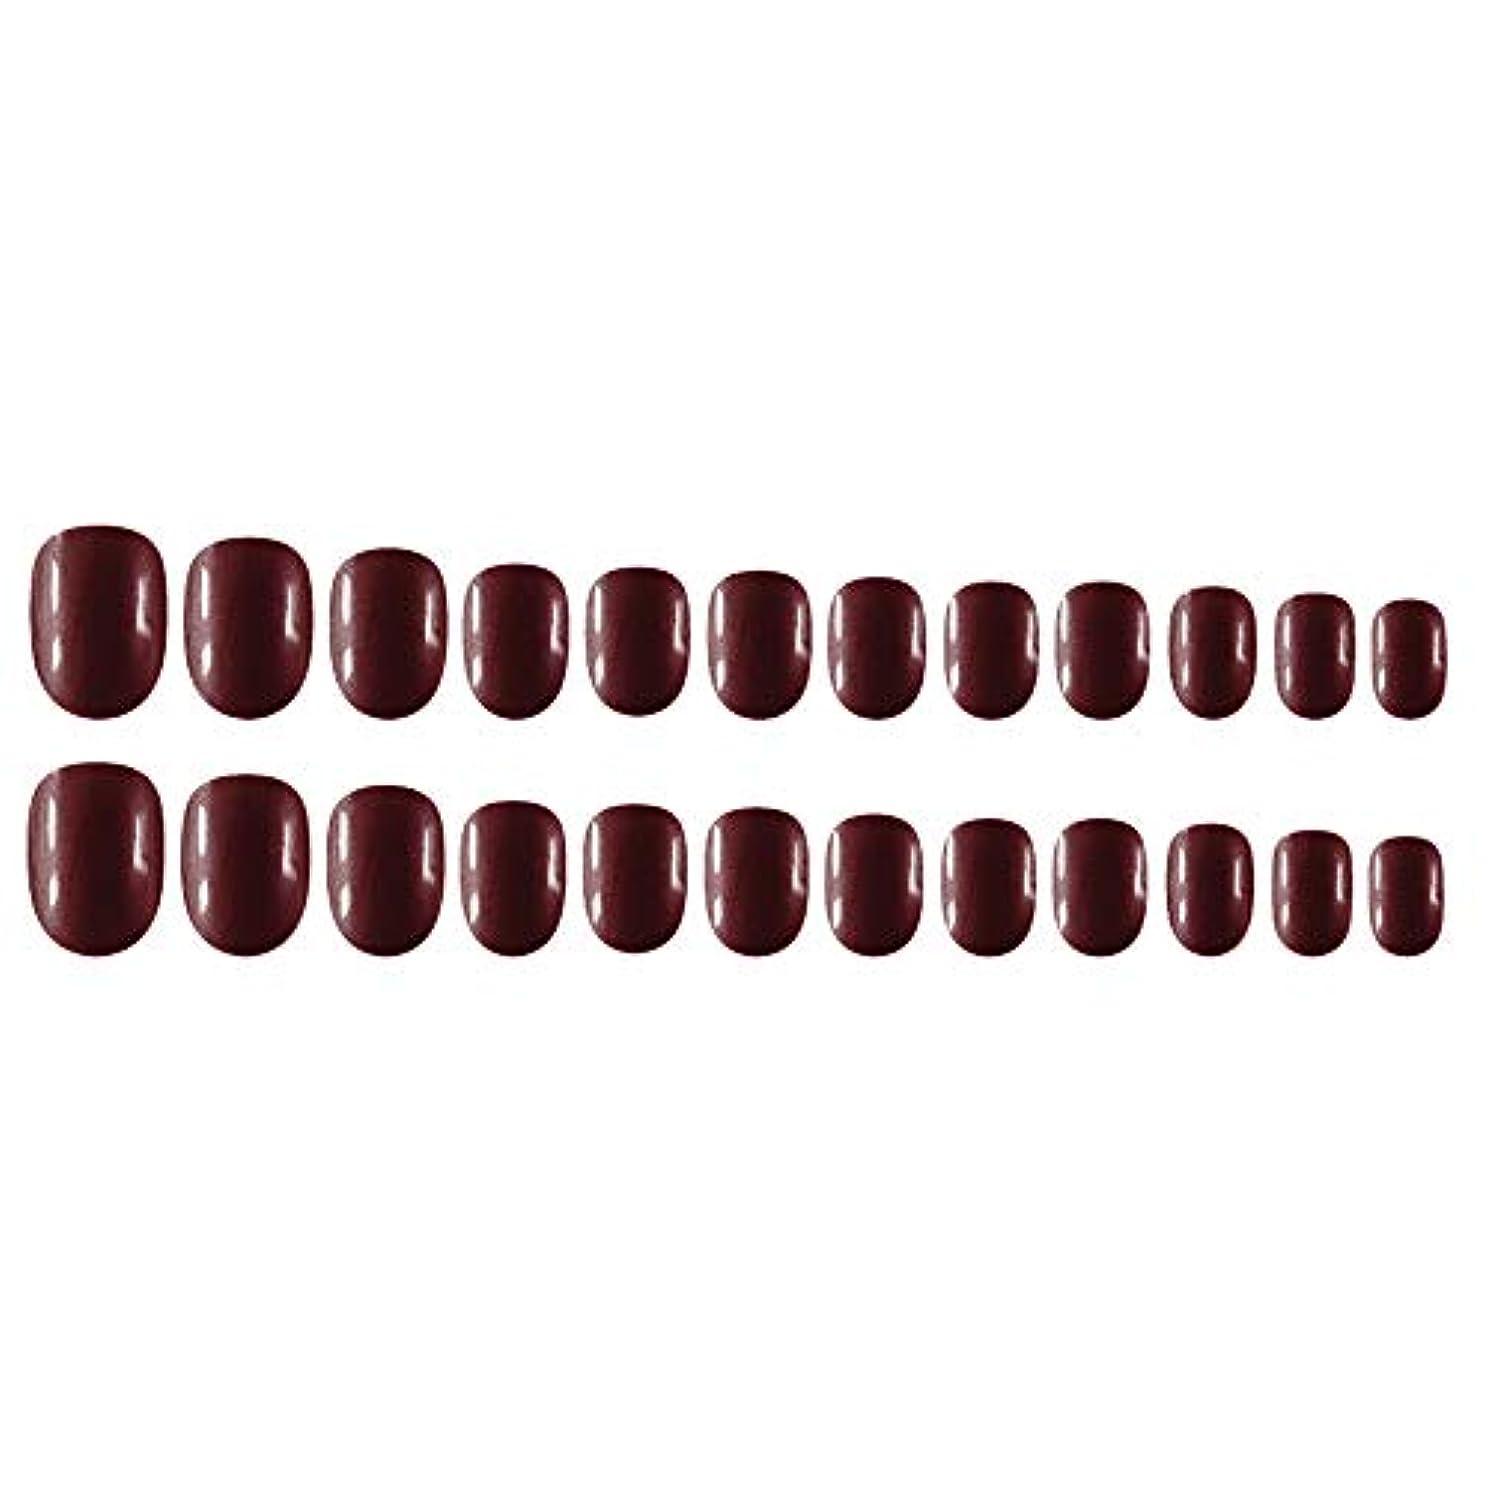 取り替えるパンチに話すDecdeal Decdeal ネイルチップ 24ピース 12異なるサイズ diy サロン ネイルアートツール 偽